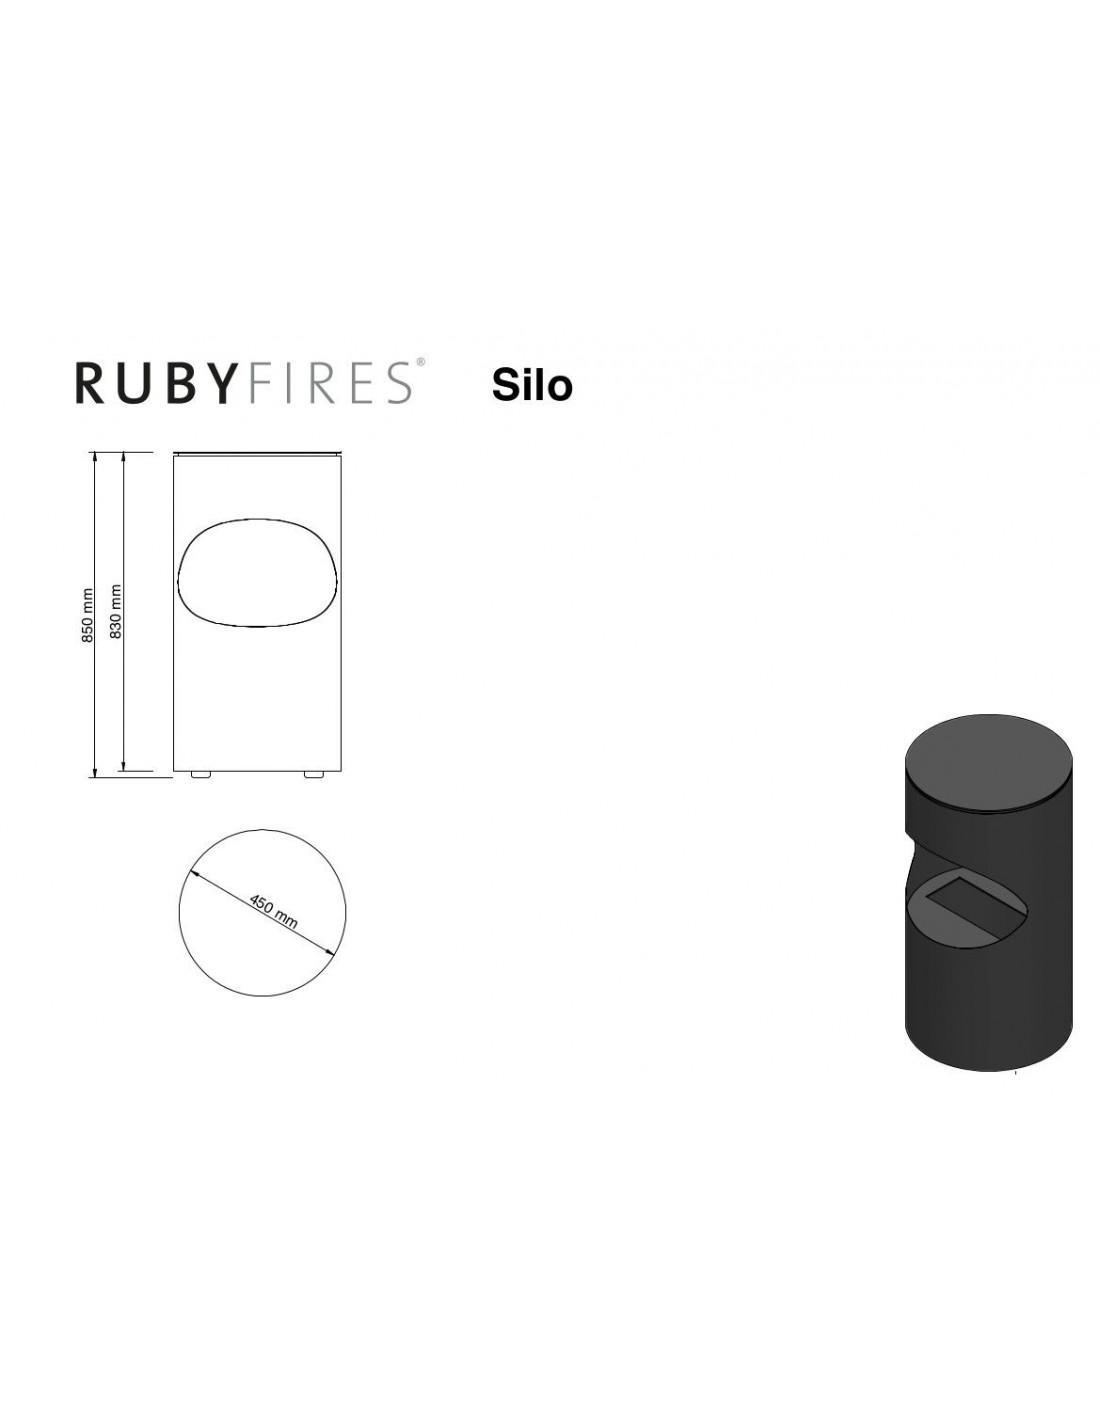 Estufa de bioetanol silo ruby fires estufamania - Estufas de bioetanol consumo ...